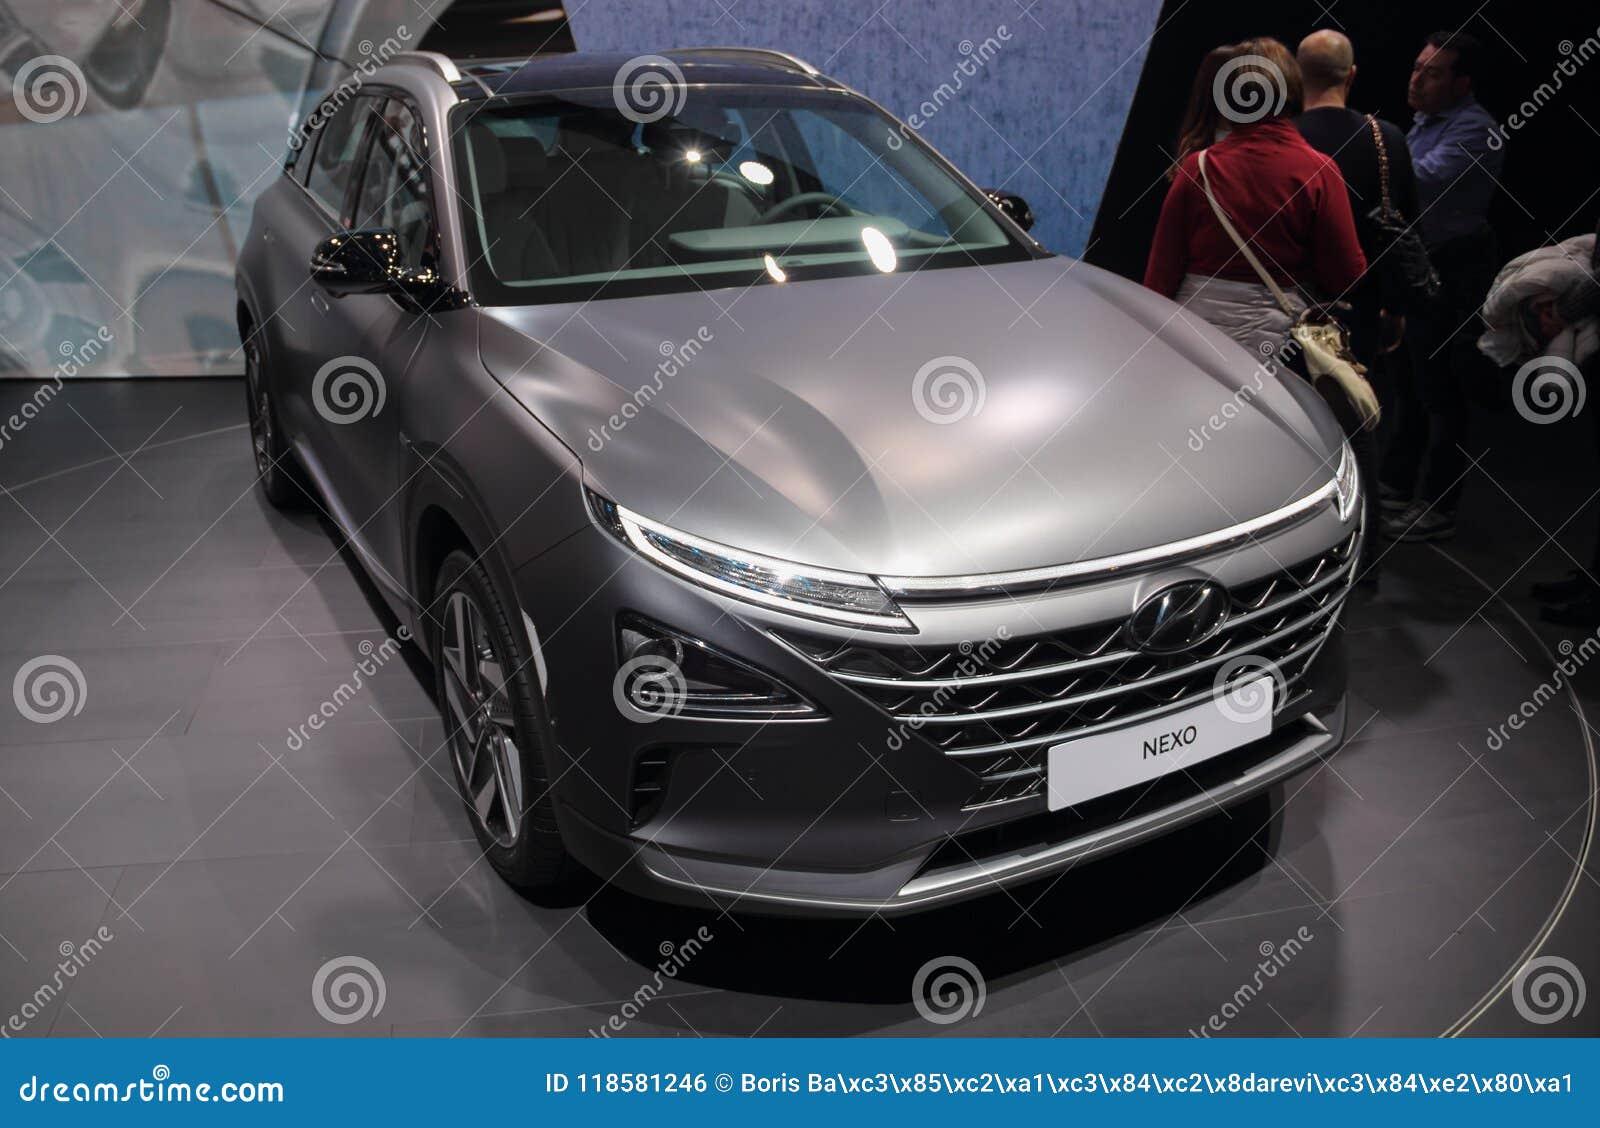 Ελβετία  Γενεύη  Στις 8 Μαρτίου 2018  Hyundai NEXO  88ος ο διά